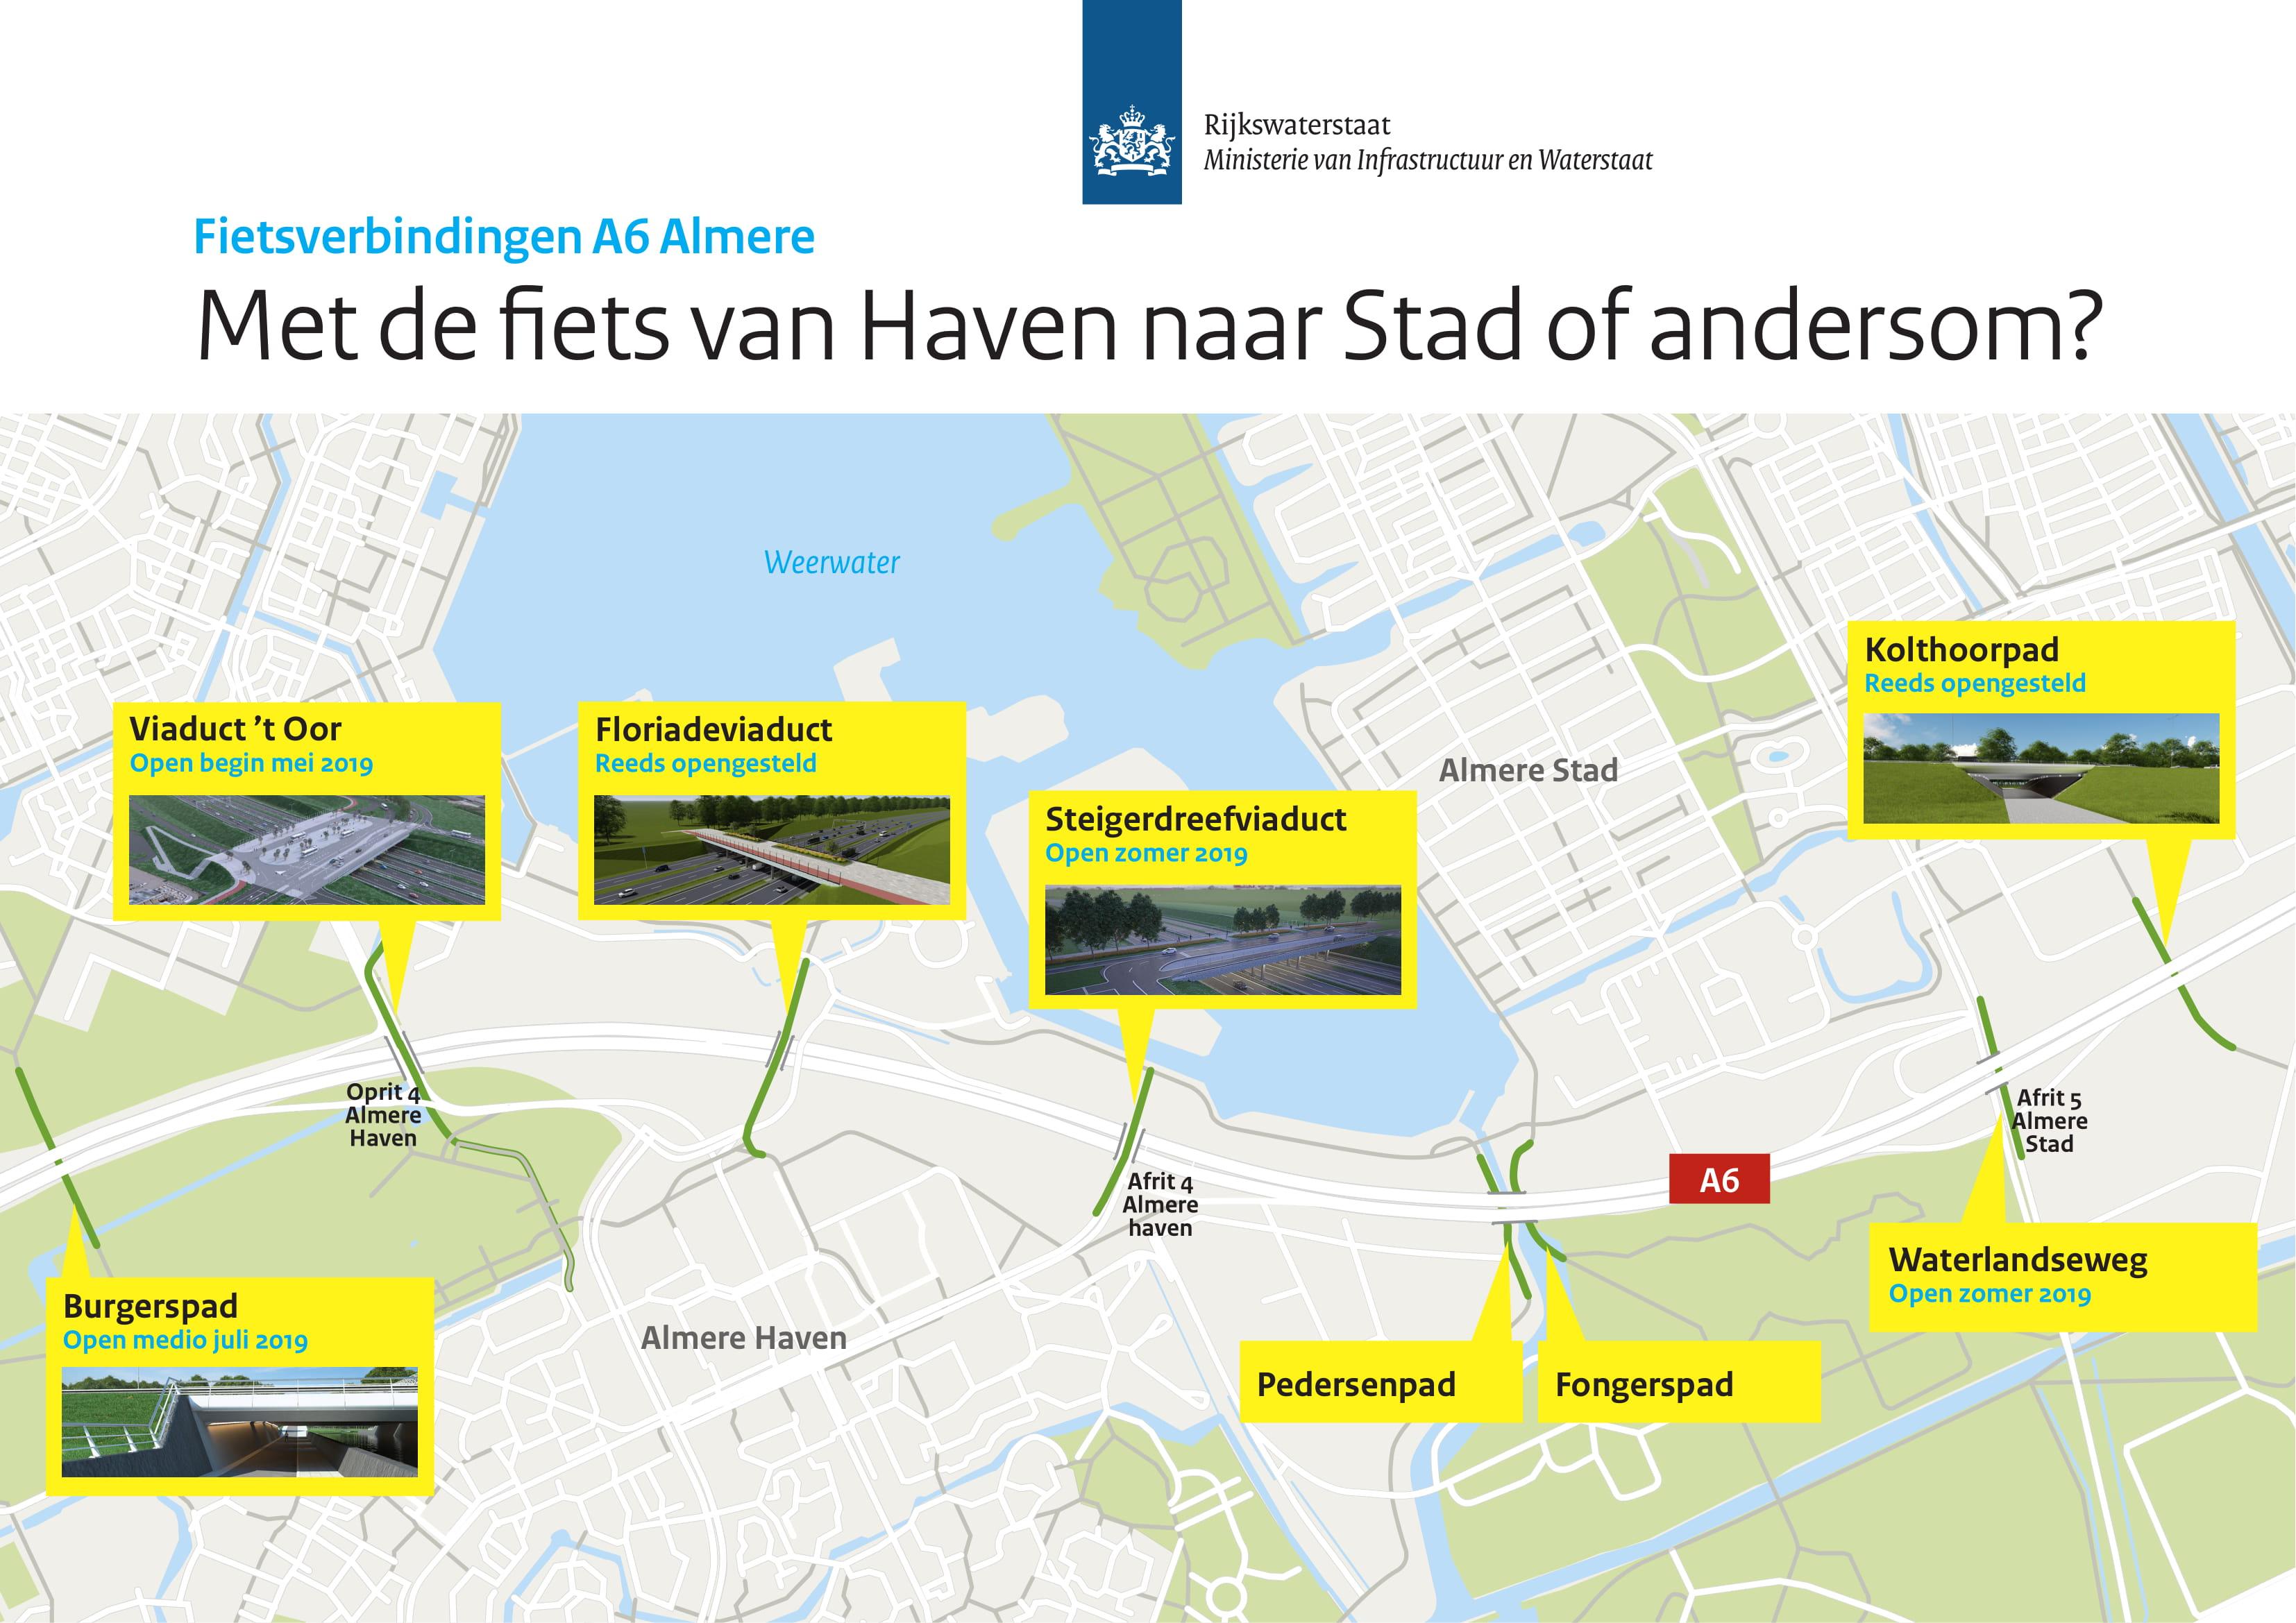 Vooruitblik Werkzaamheden A6 Almere In 2019 Rijkswaterstaat